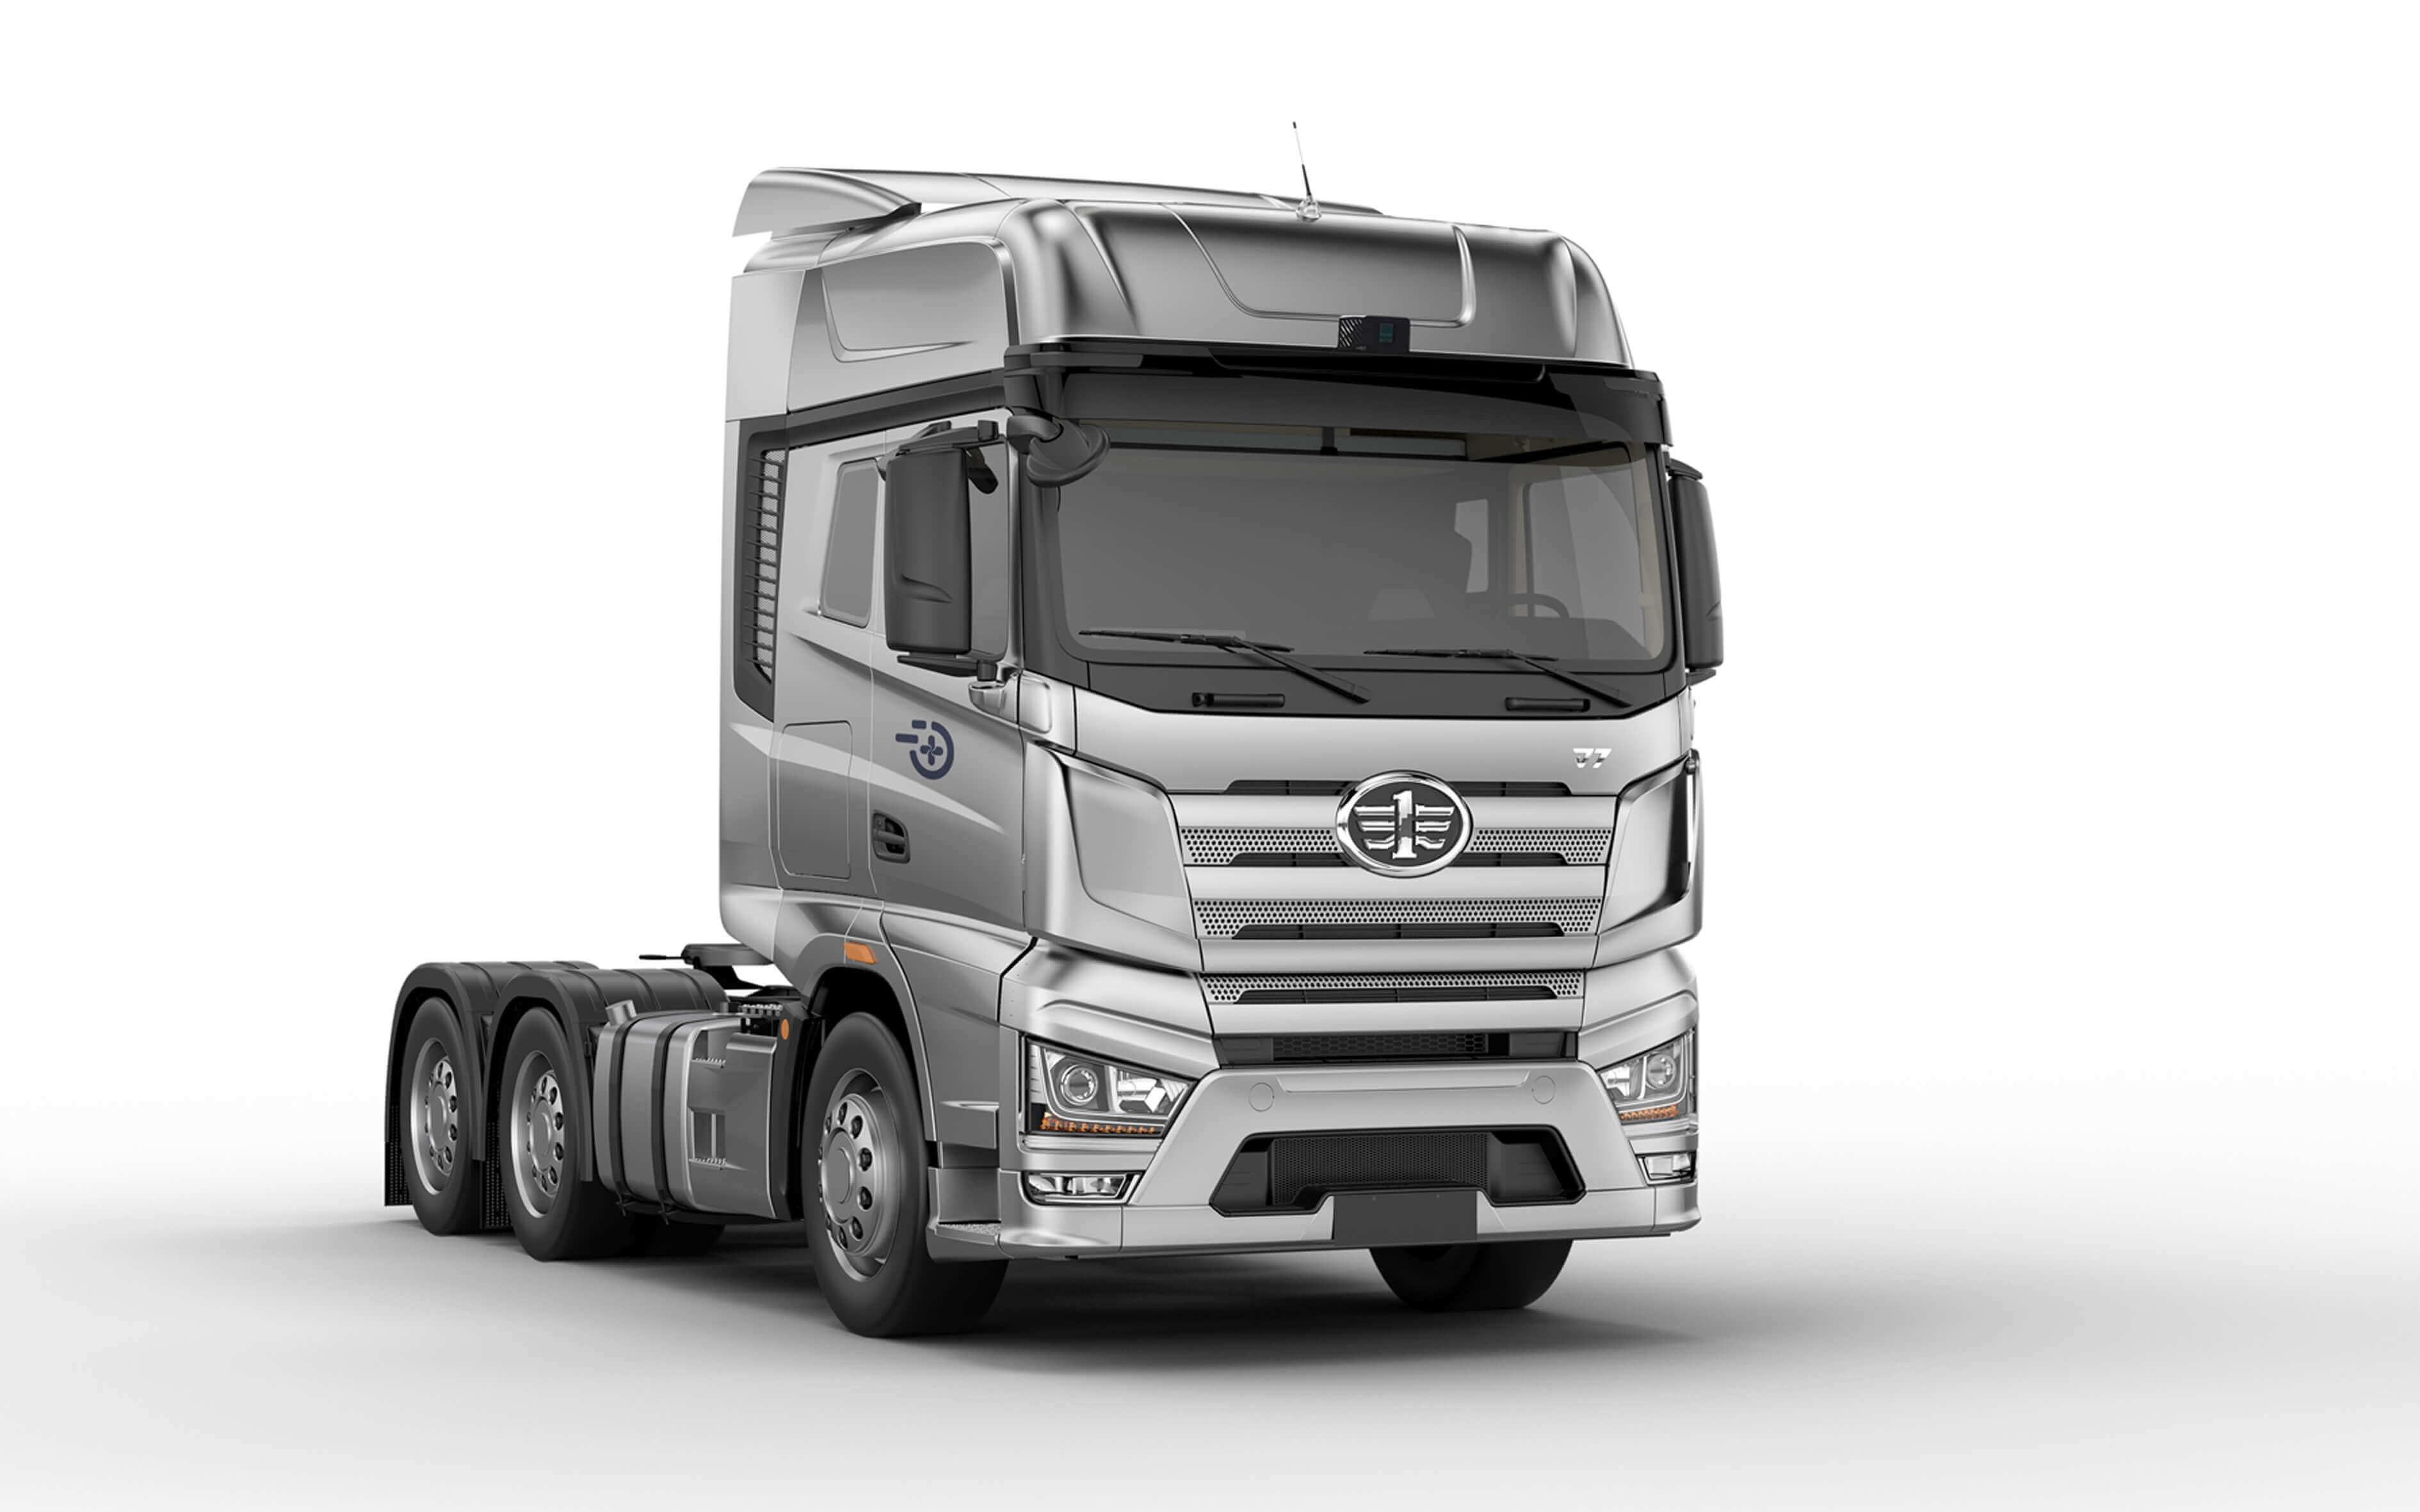 First Autonomous Trucking Developer to Start Mass Production